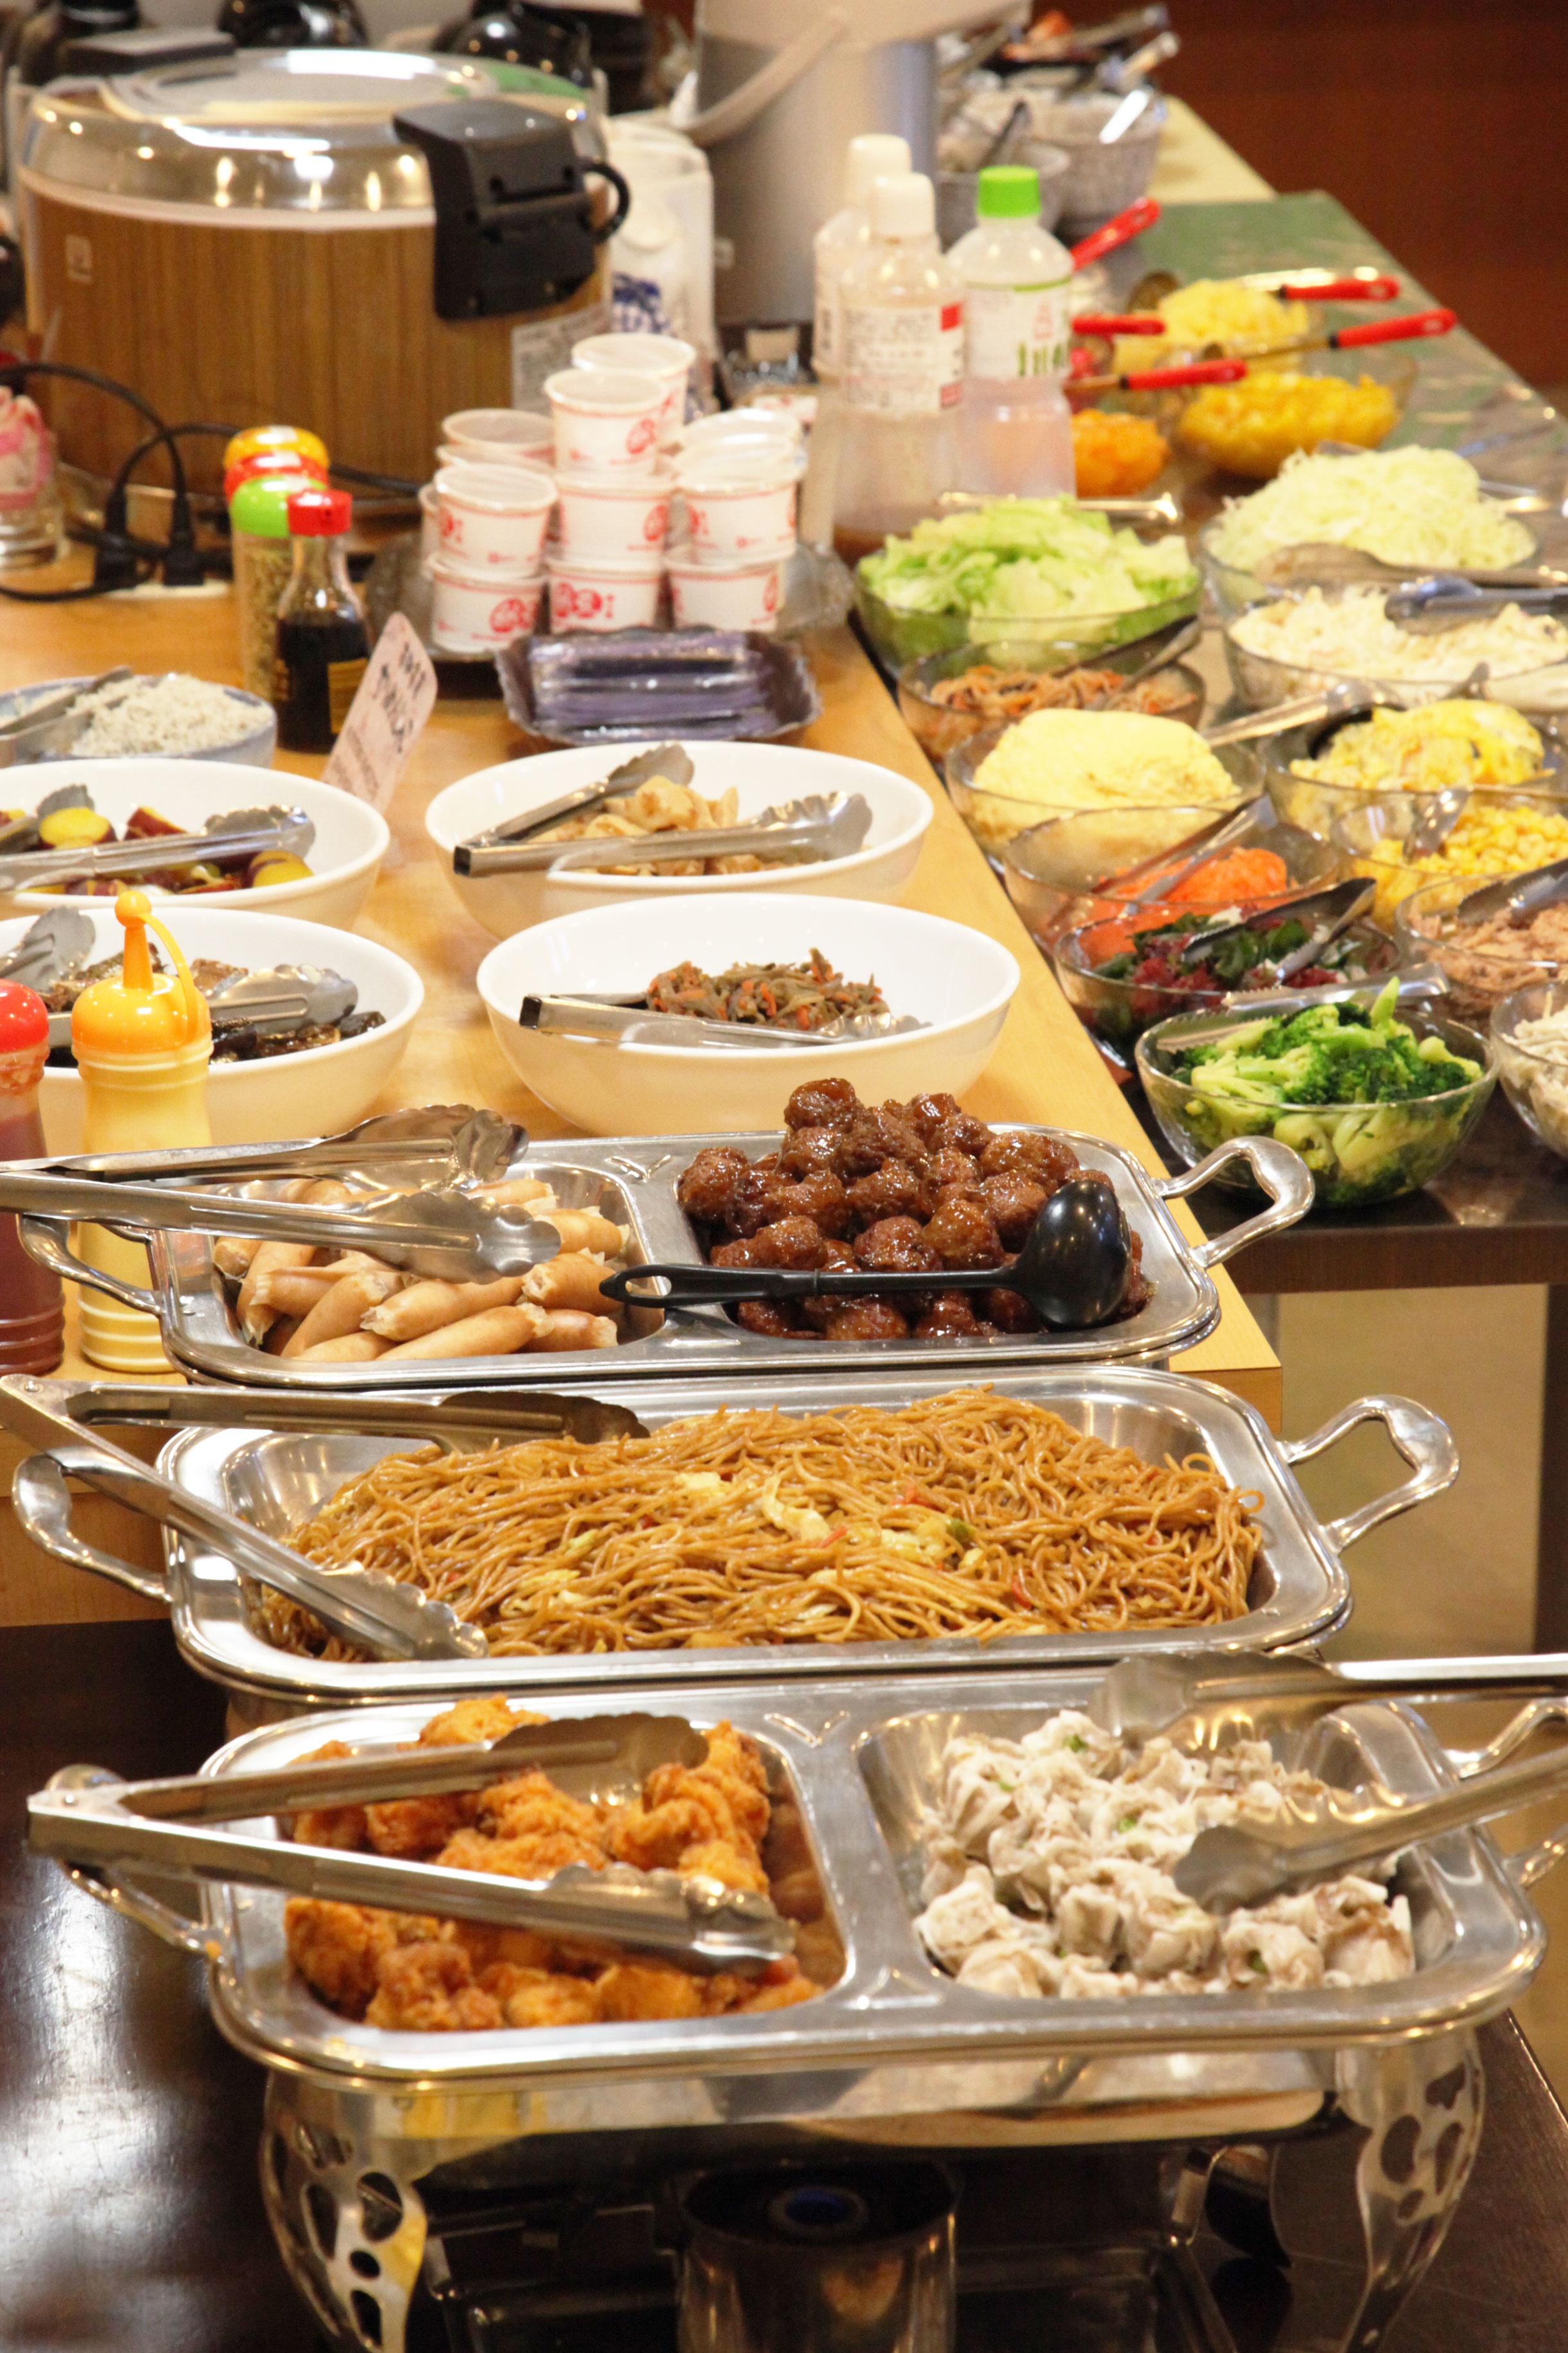 非入住本酒店的客人也可品尝我们引以为傲的早餐!我们的早餐大受好评